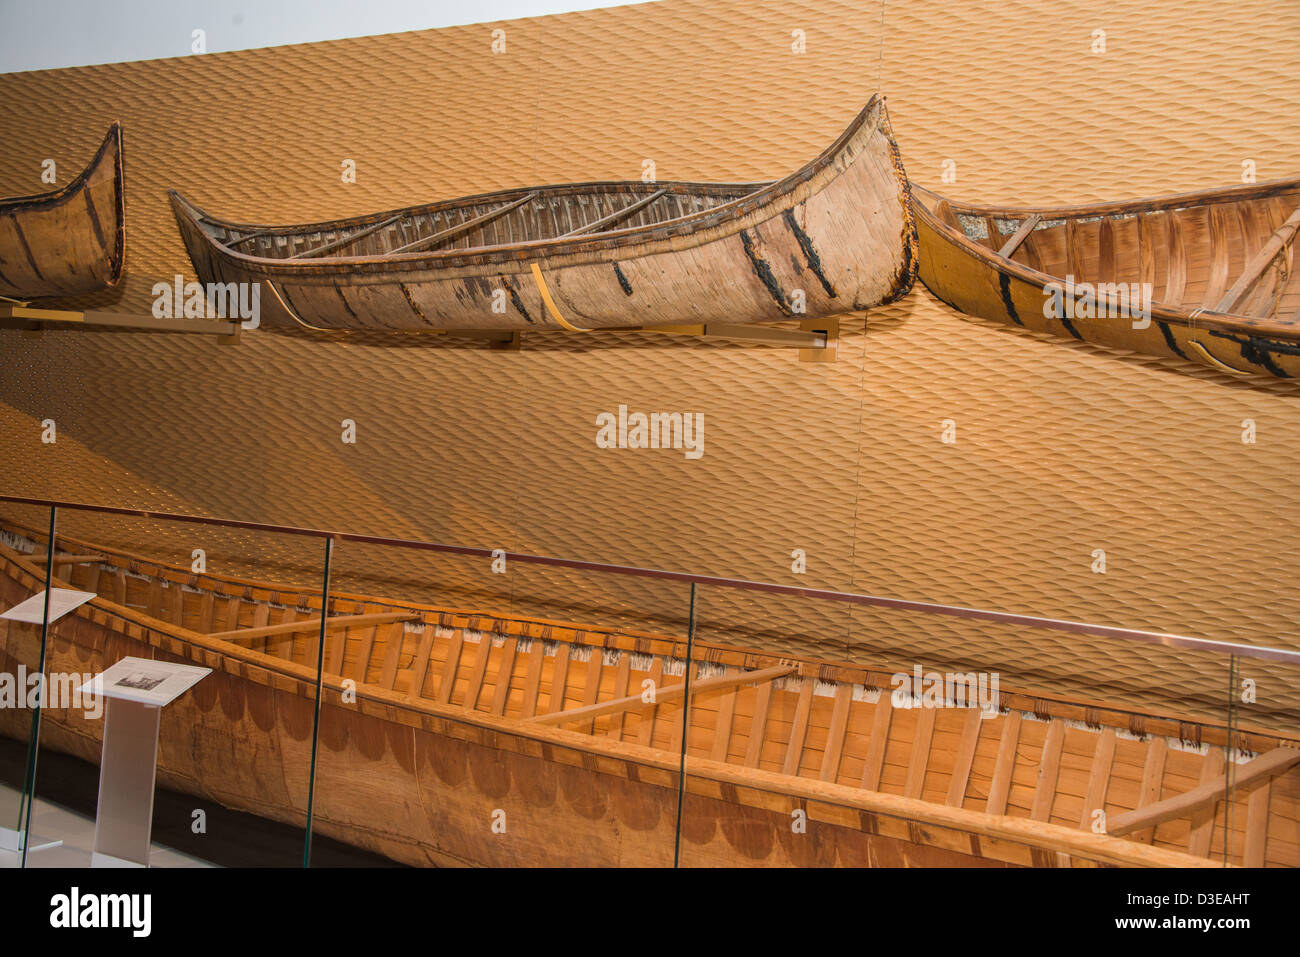 Native Indian canot en écorce de bouleau afficher au Musée royal de l'Ontario, Toronto, Canada. Banque D'Images